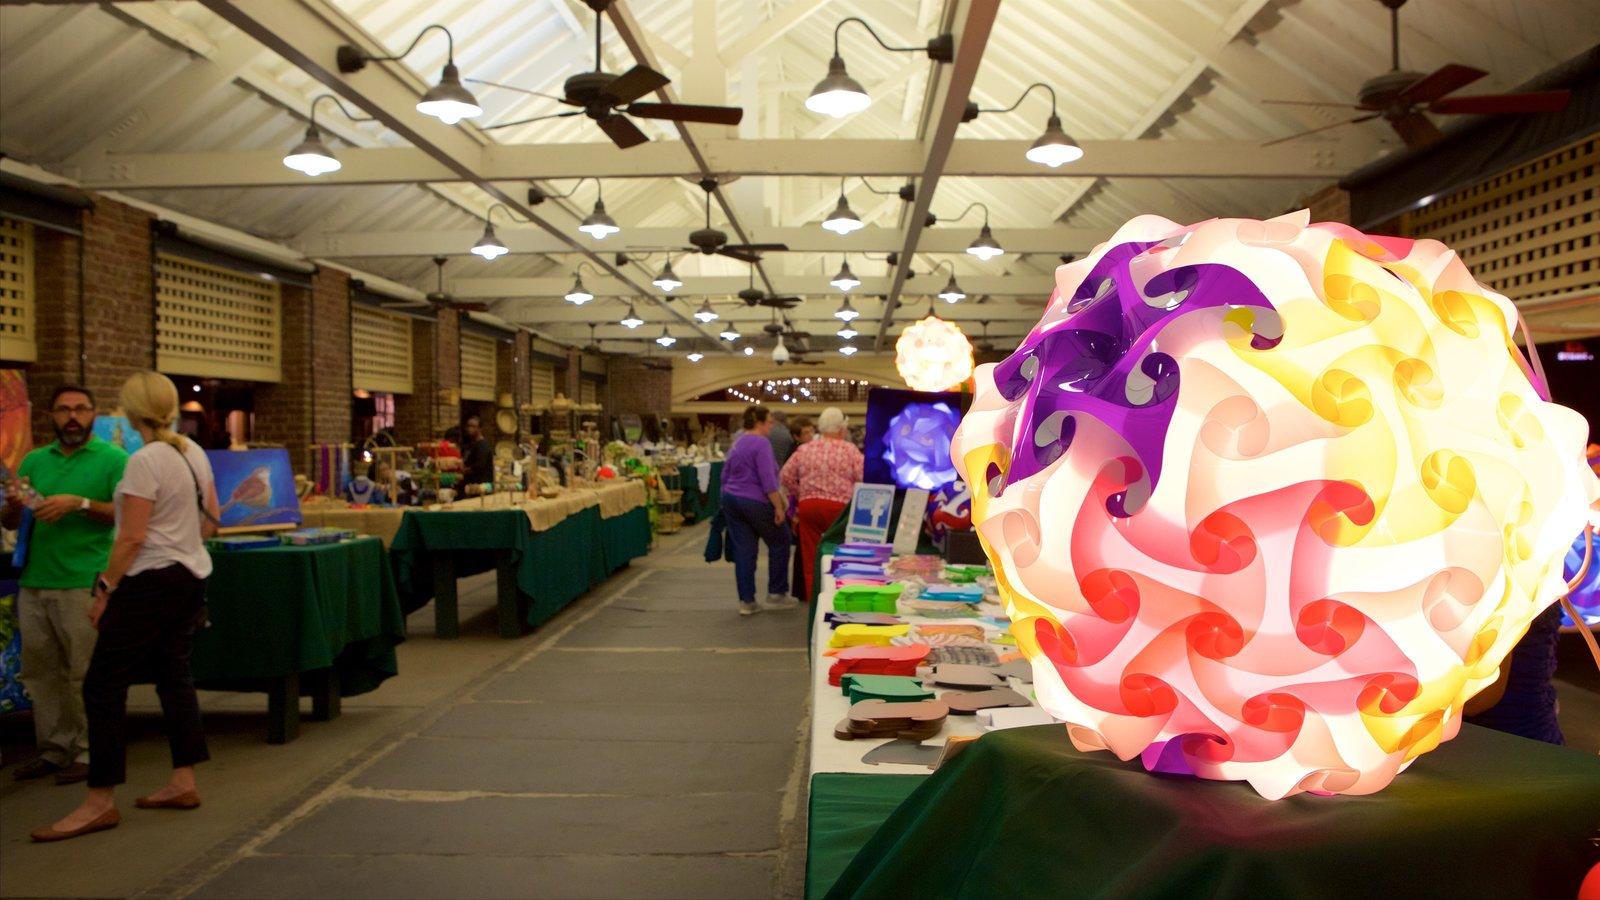 Charleston City Market que inclui vistas internas e mercados assim como um pequeno grupo de pessoas